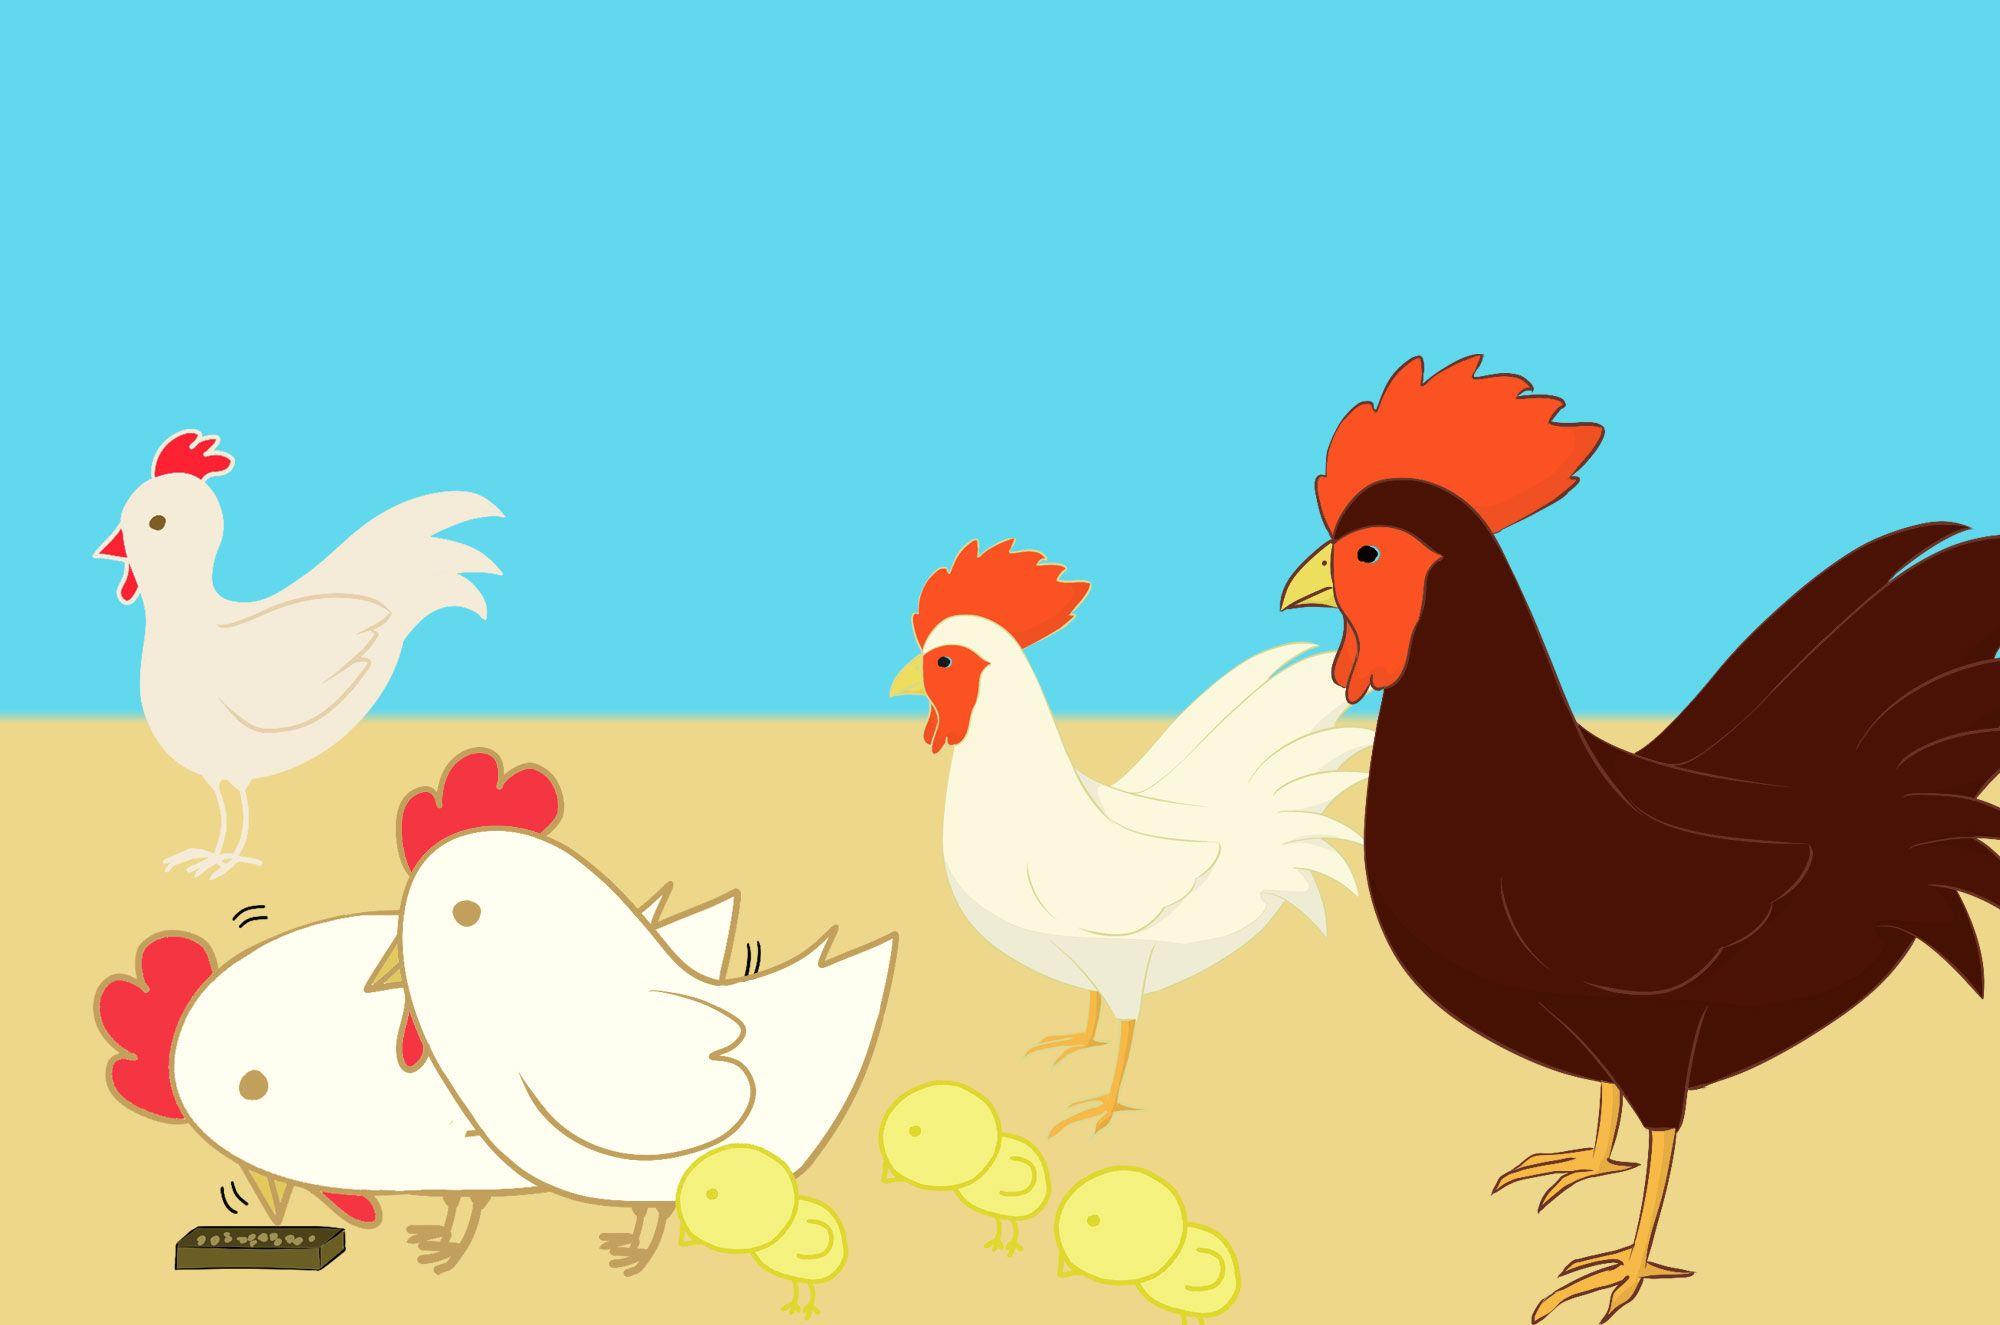 にわとりイラスト:可愛い鳥素材集!にわとりがいっぱい!茶色、白